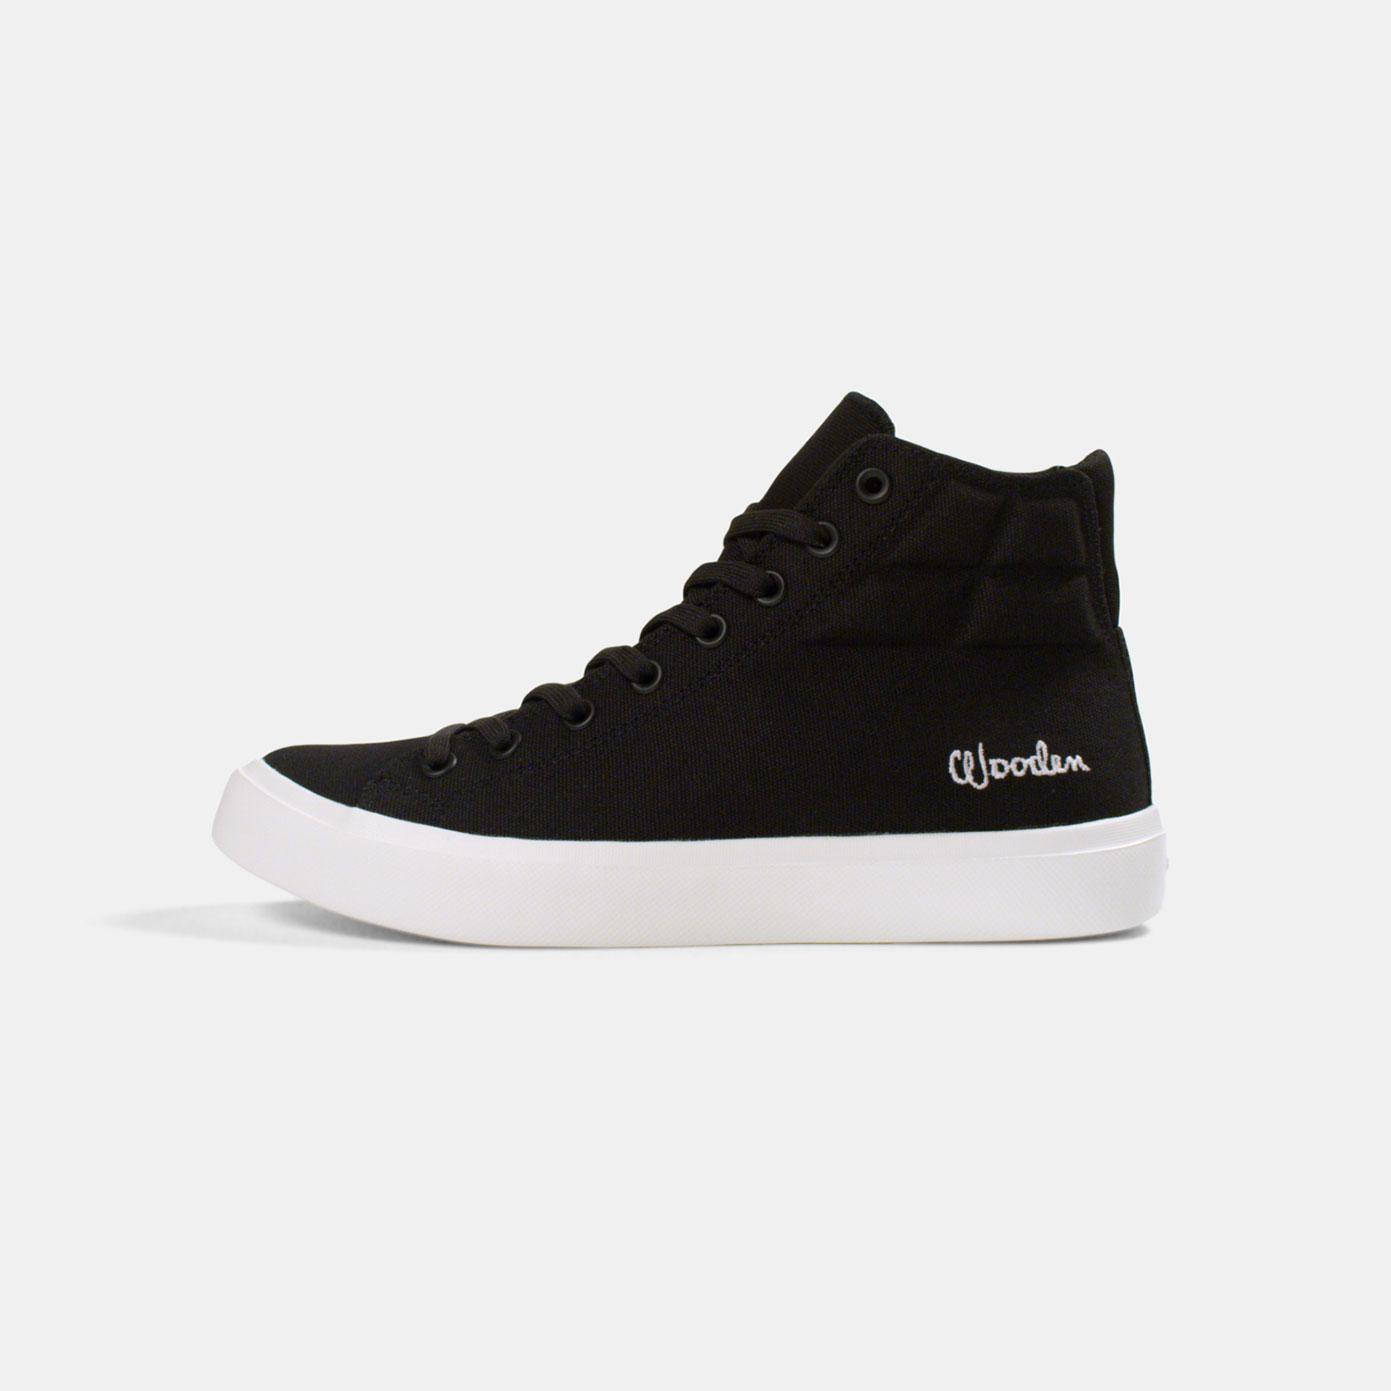 Fabled John Wooden sneaker Jet Black